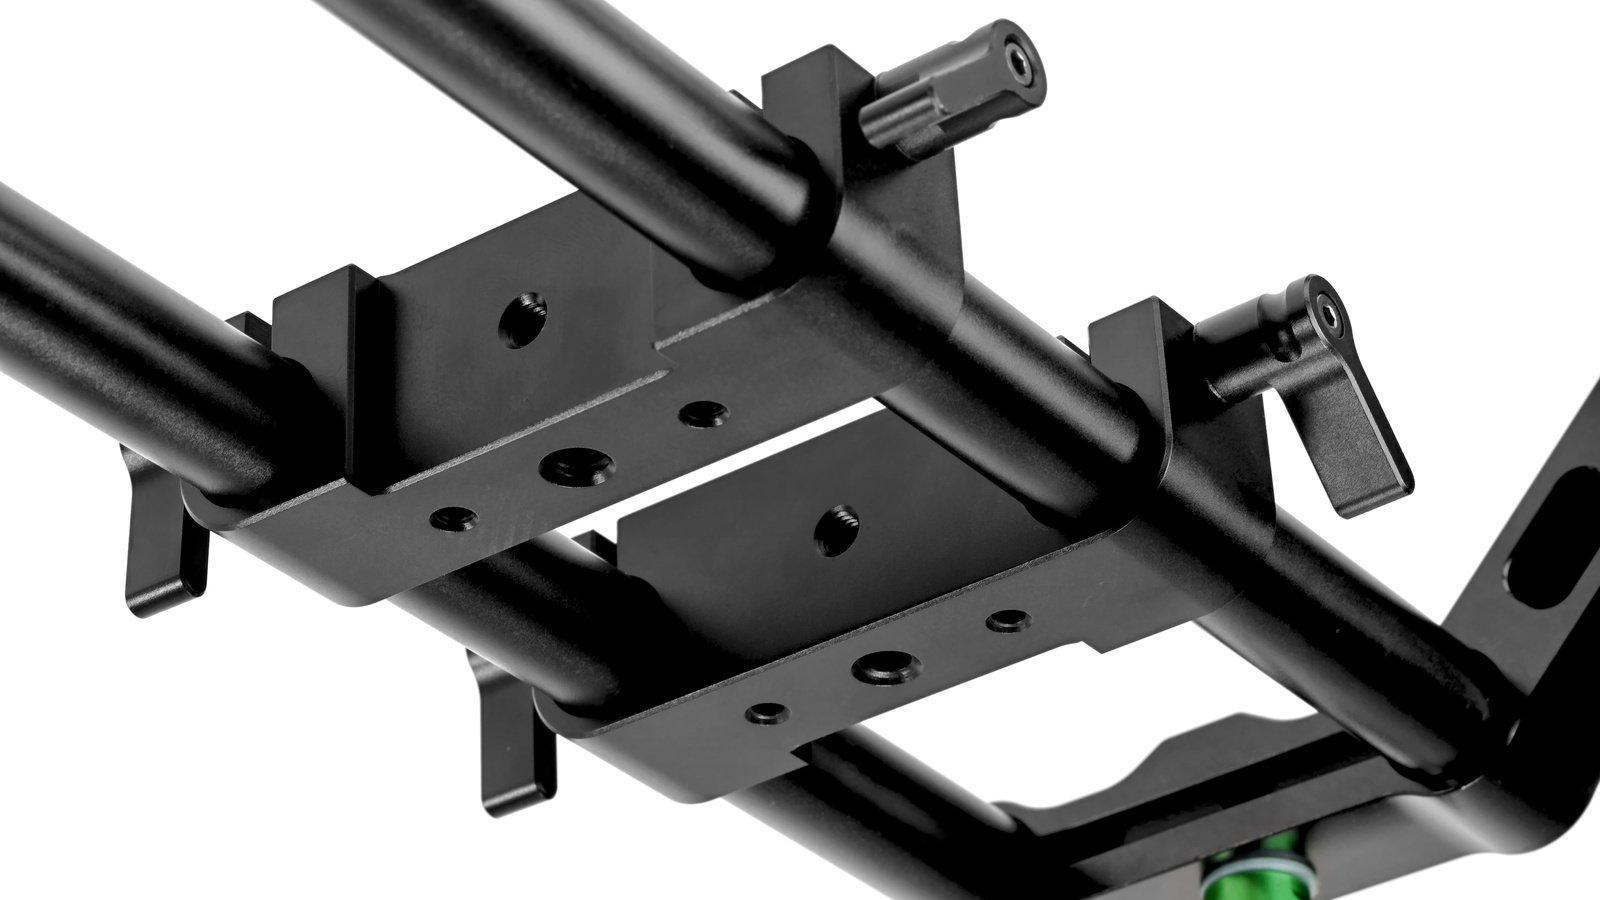 Die mitgelieferten Verbinder ermöglichen die Montage des Rigs auf einem Kamerastativ.